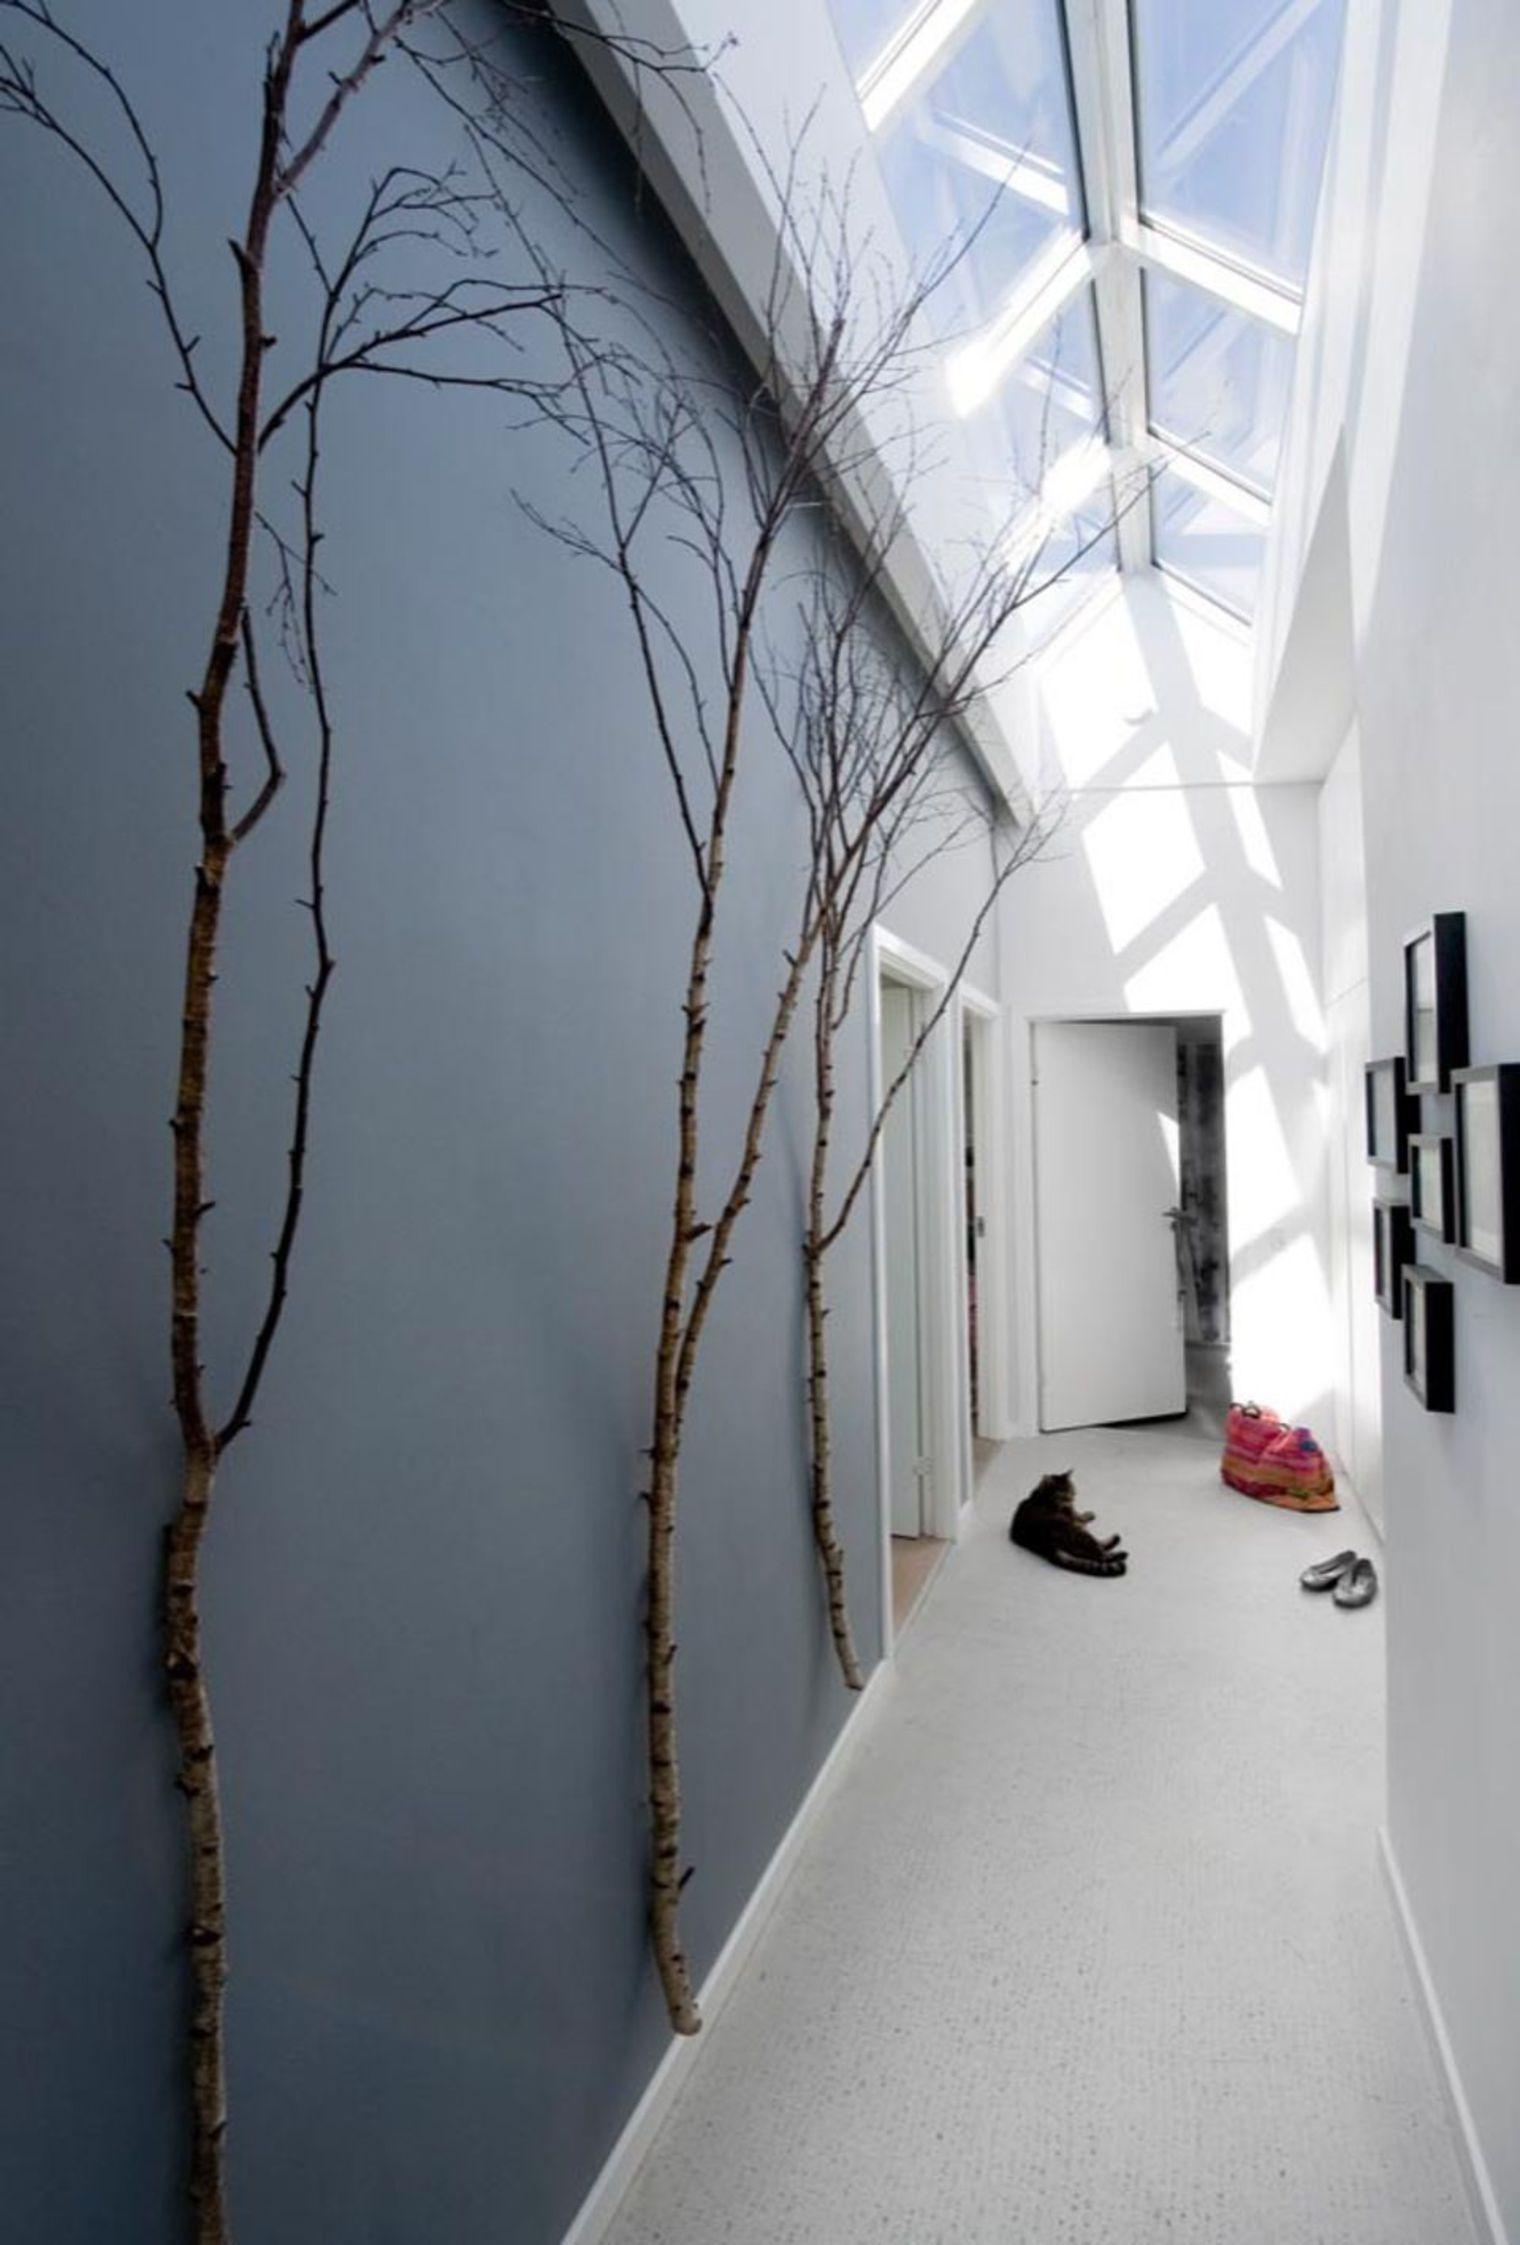 Idée Peinture Couloir Sombre | Couleur Peinture Entree Couloir ...